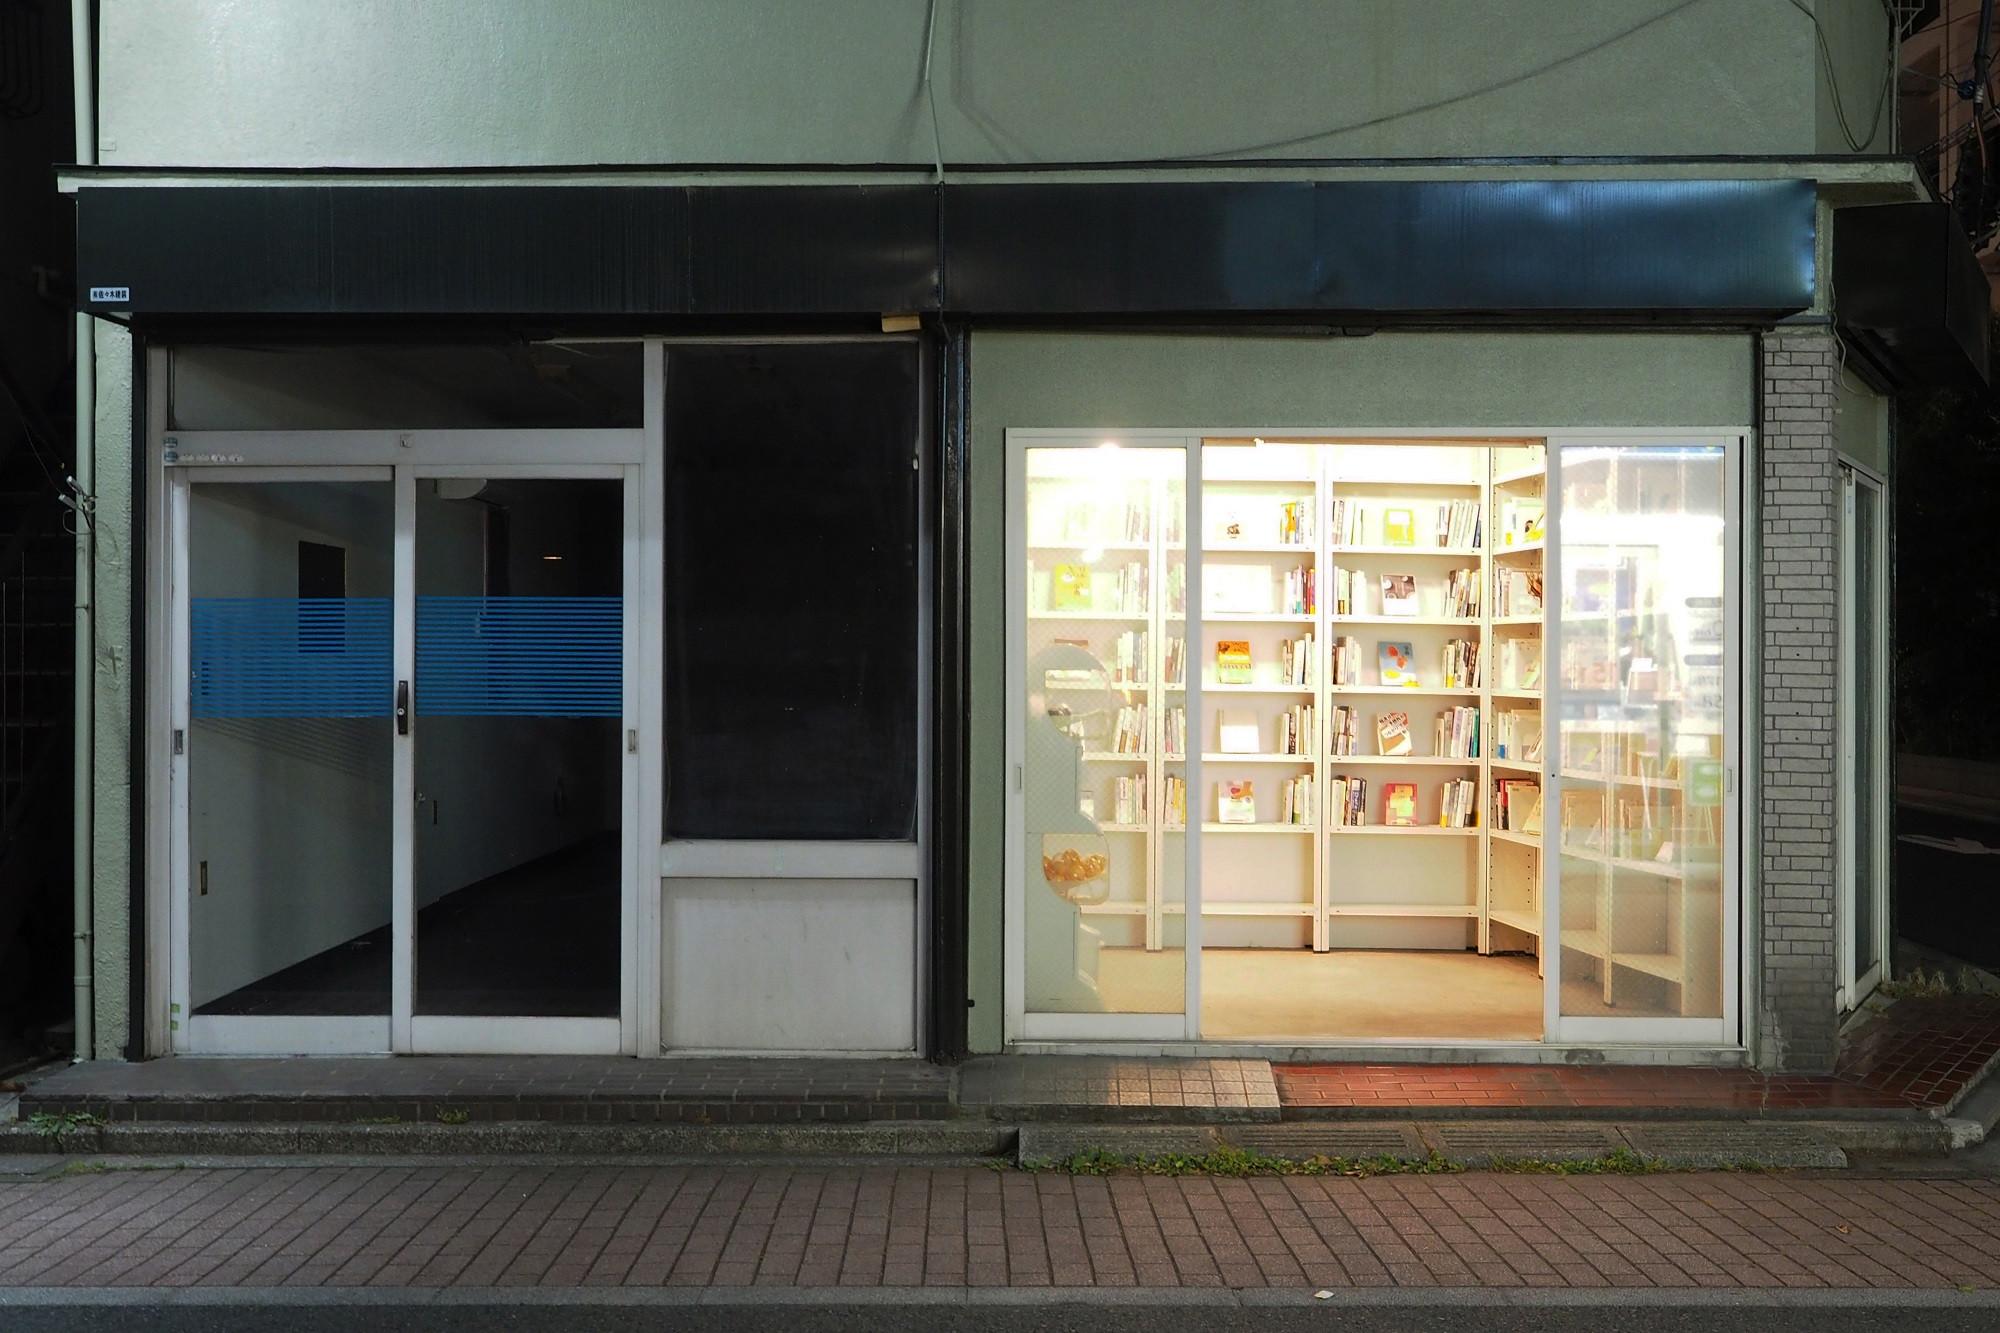 24時間無人営業の古本屋「BOOK ROAD」、お客さんが後を絶たない理由~「新規性」と「継続性」を大切に~